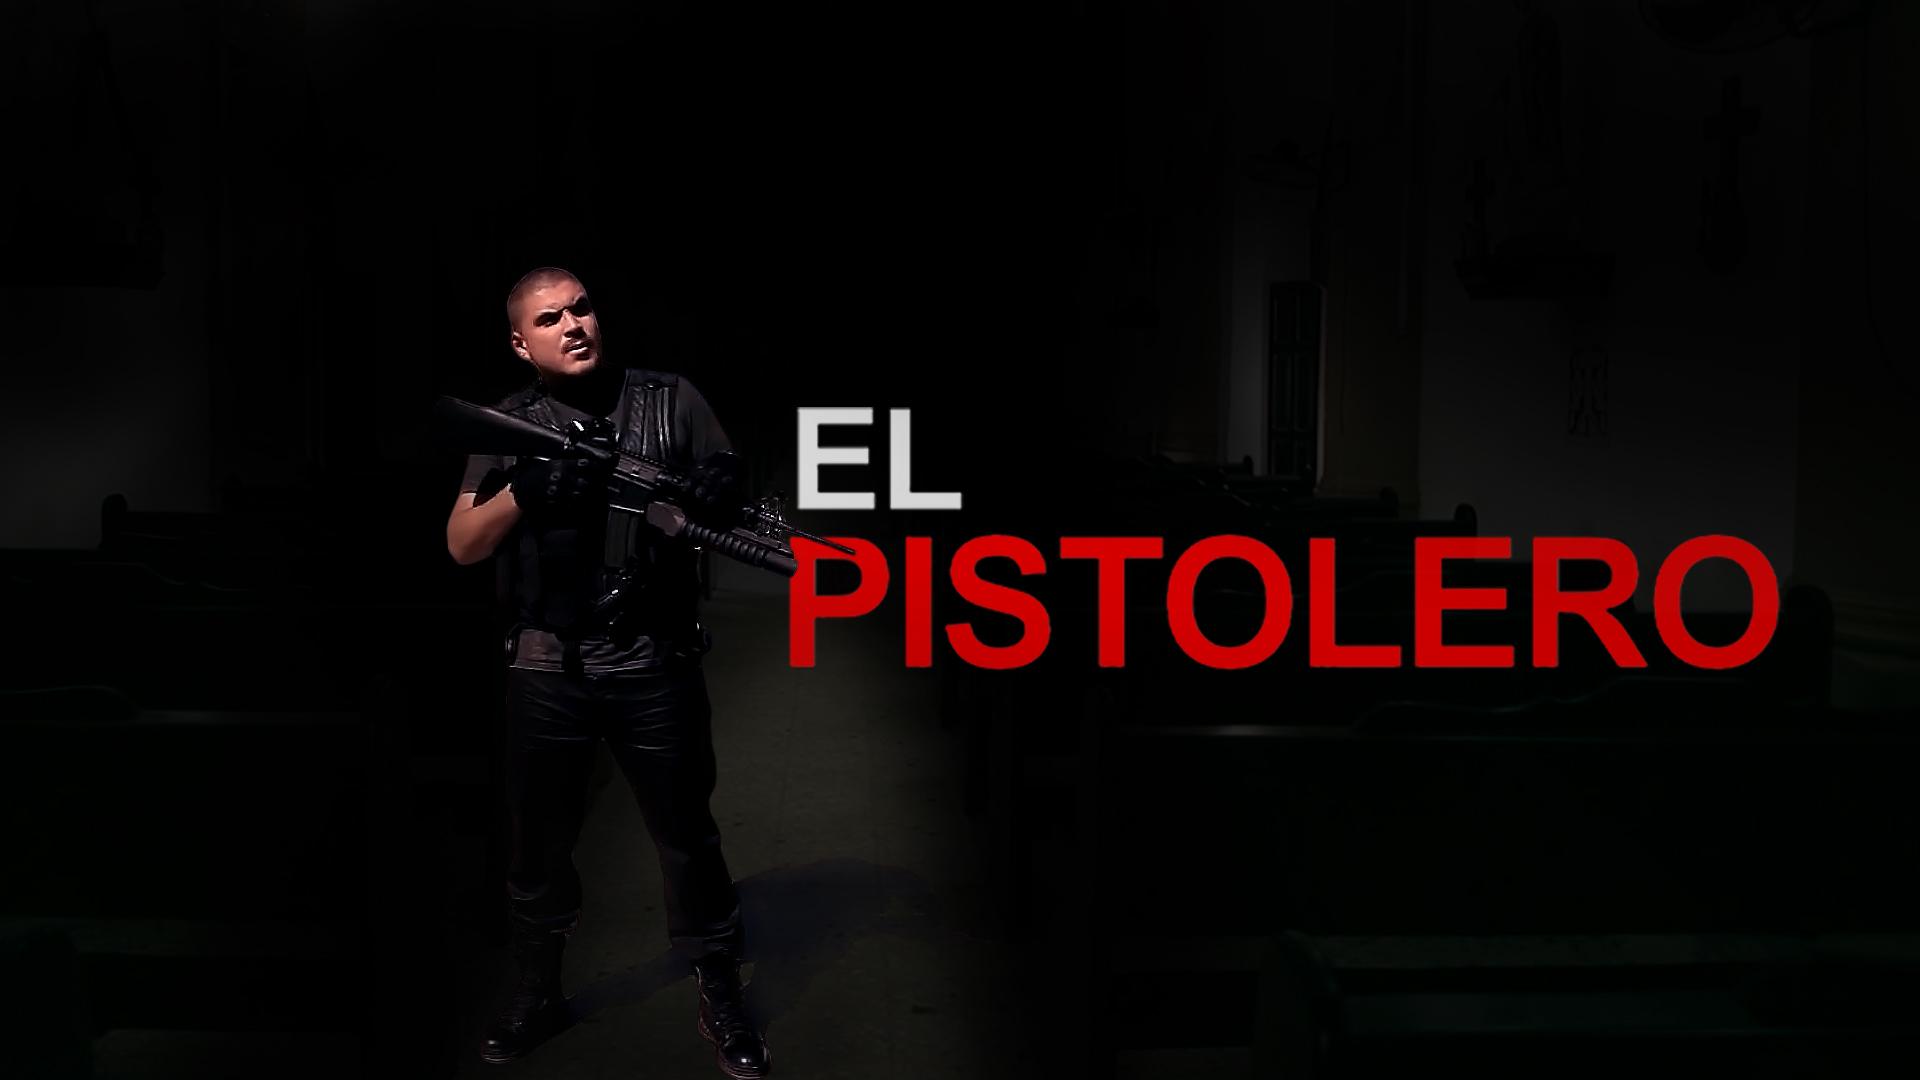 El Pistolero